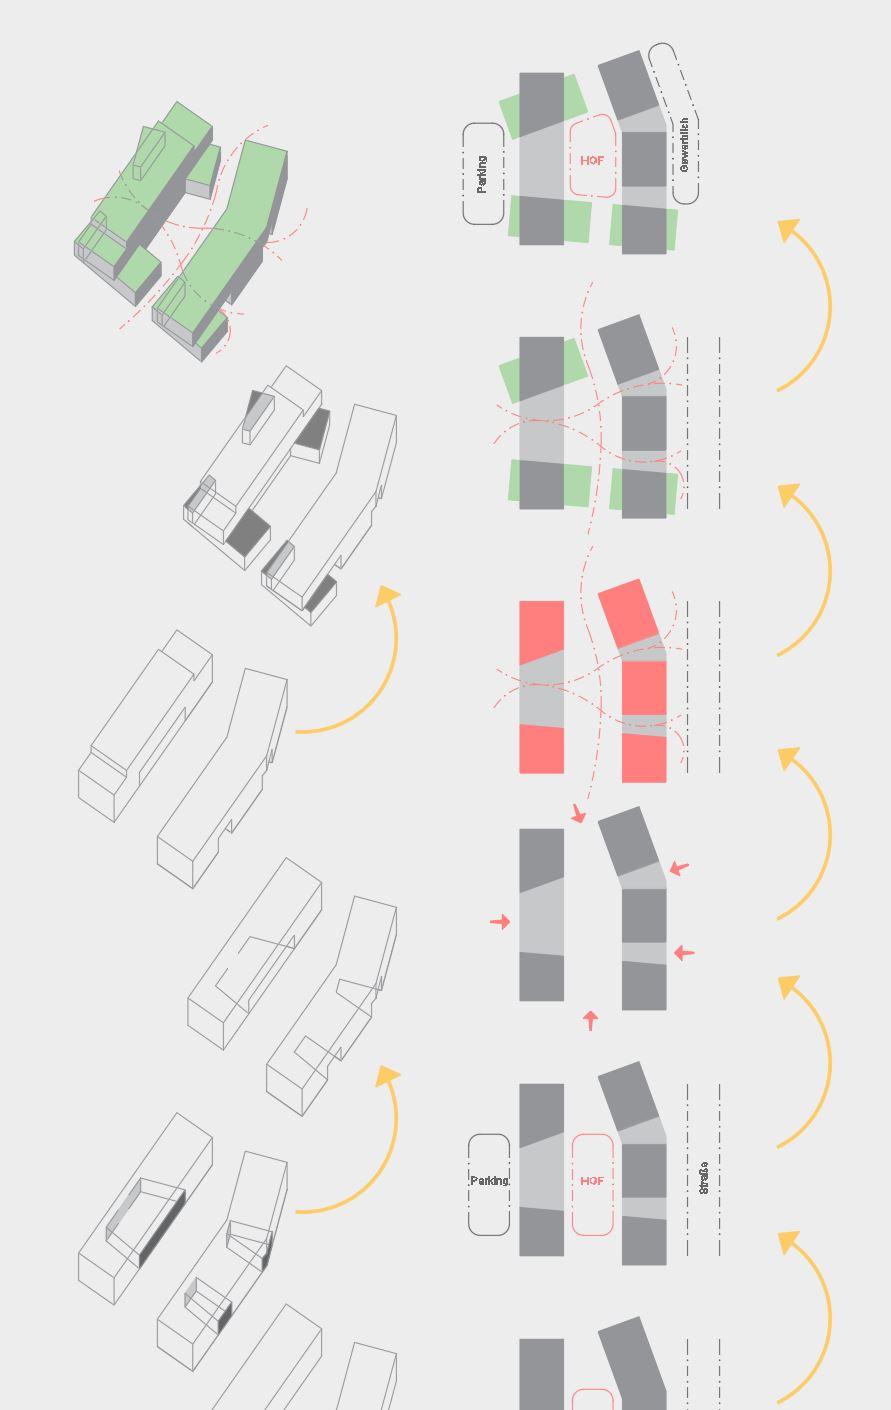 Wettbewerb - Architekt: Siamnd Ossi